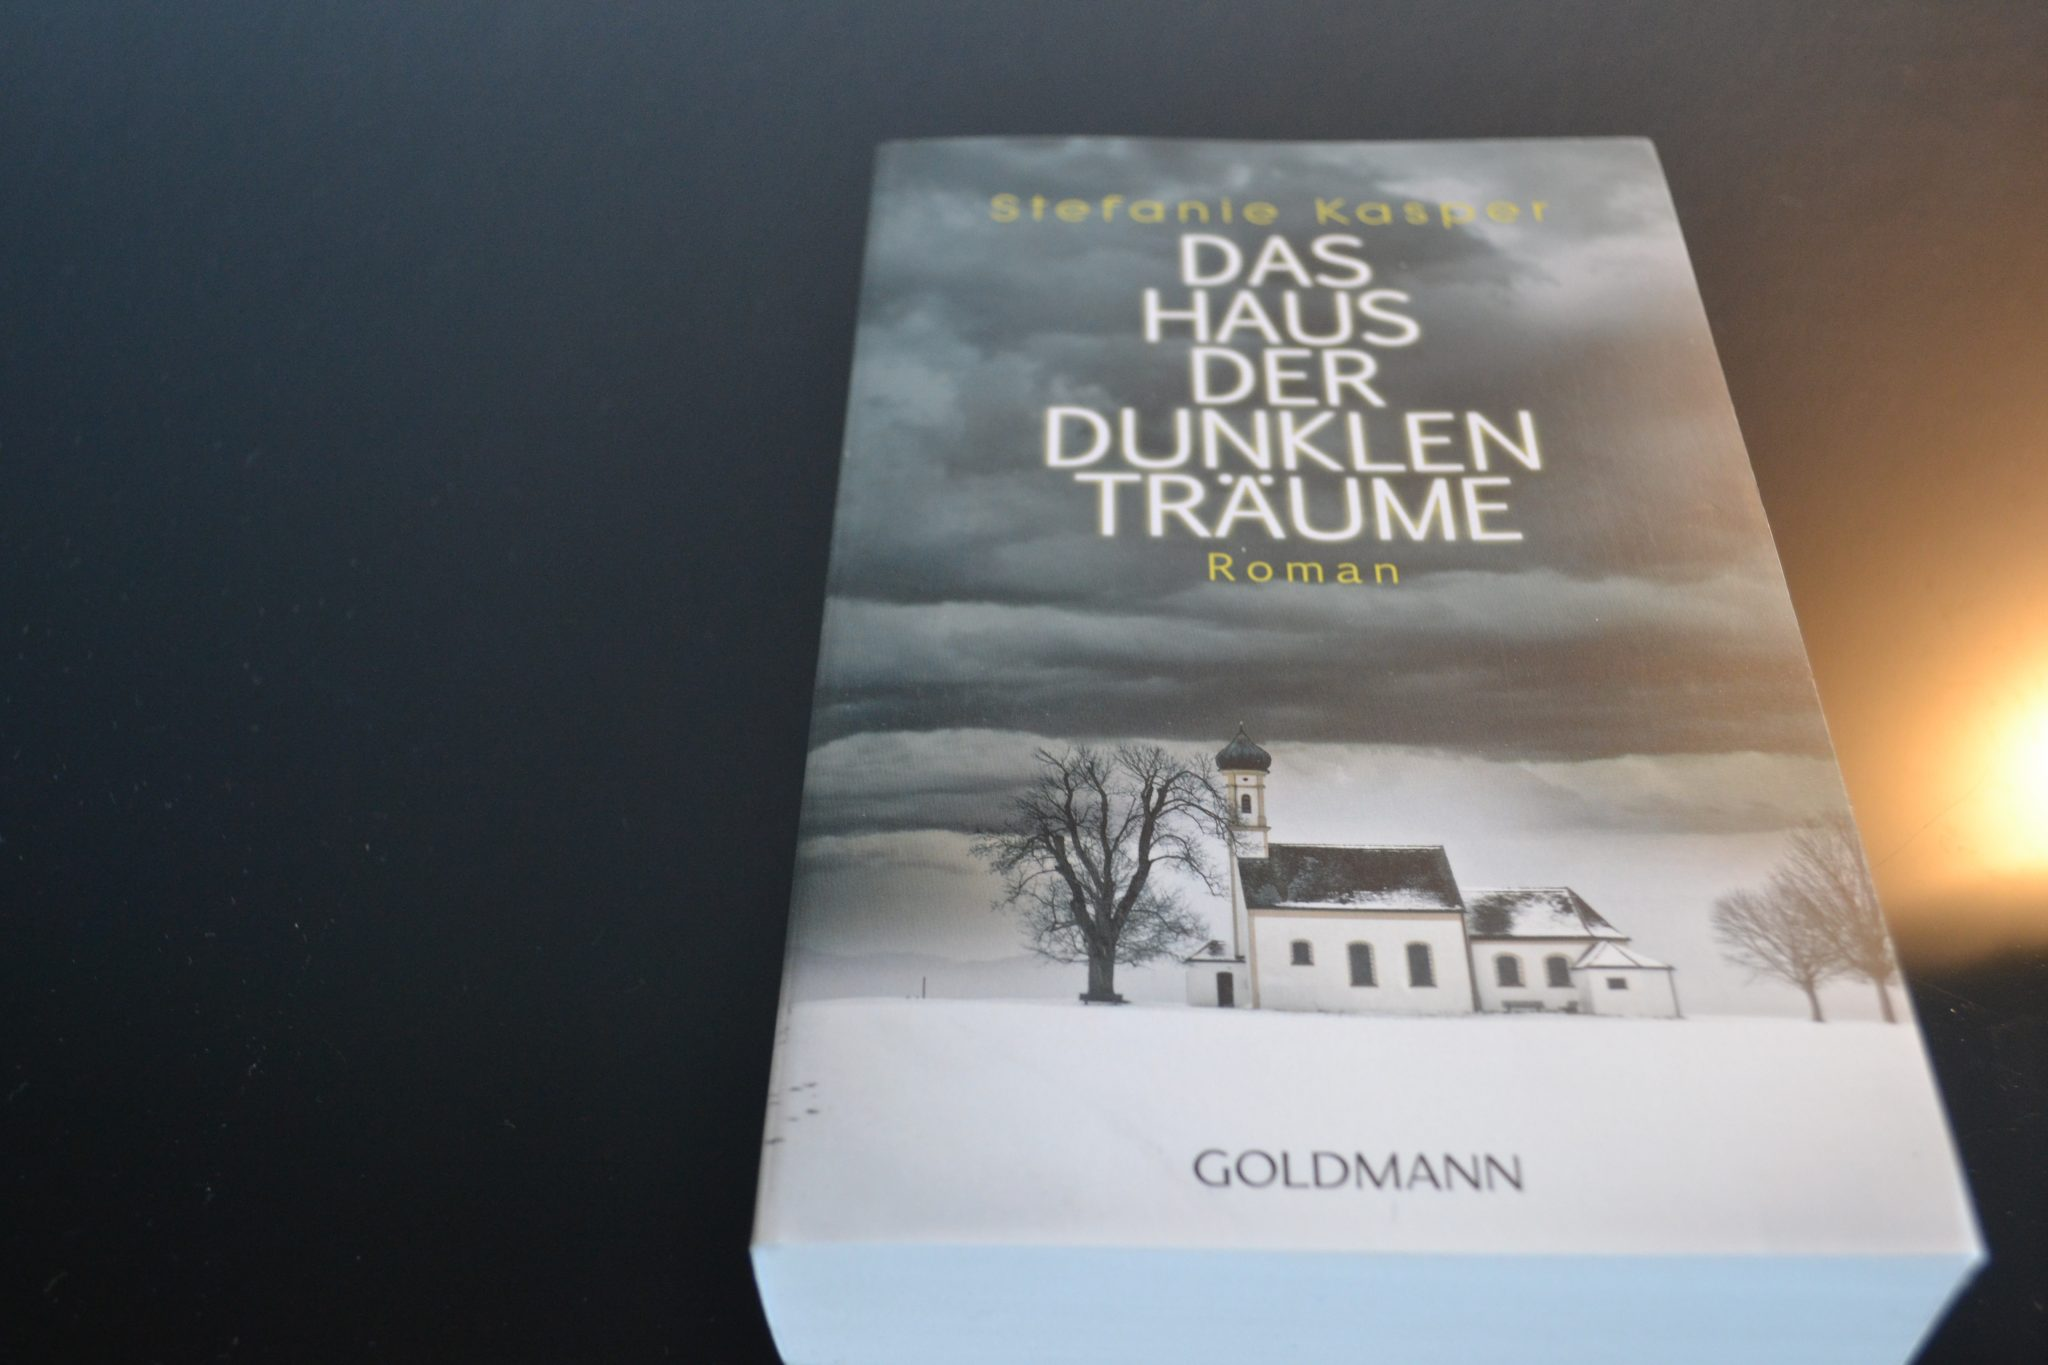 Books: Das verlorene Dorf | Stefanie Kasper - DSC 0015